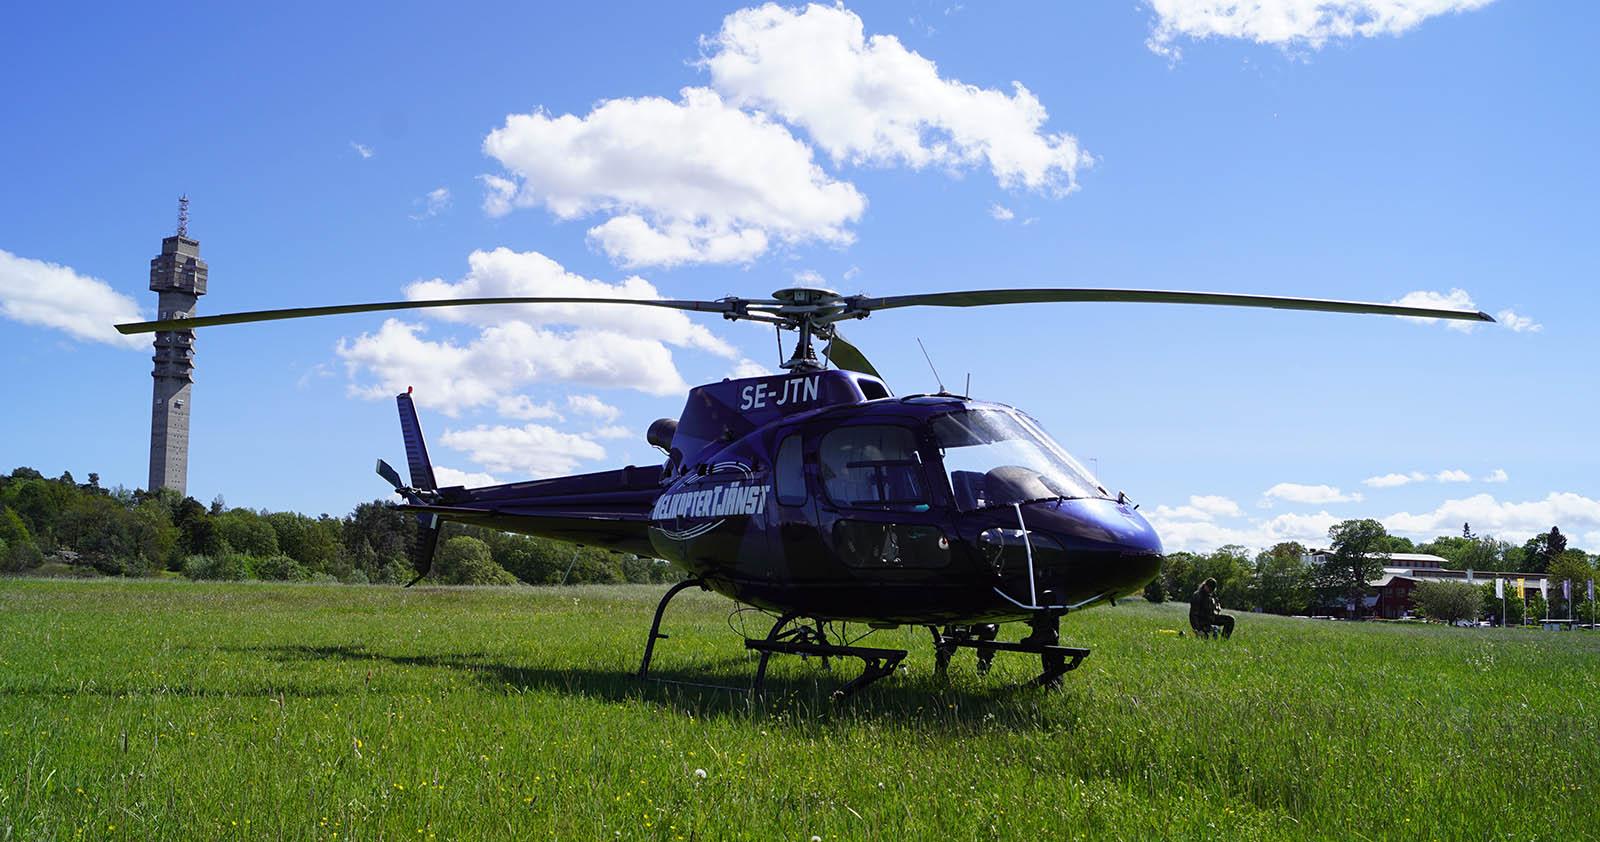 Vi har olika typer av helikoptrar, här är en blå helikoptertaxi.